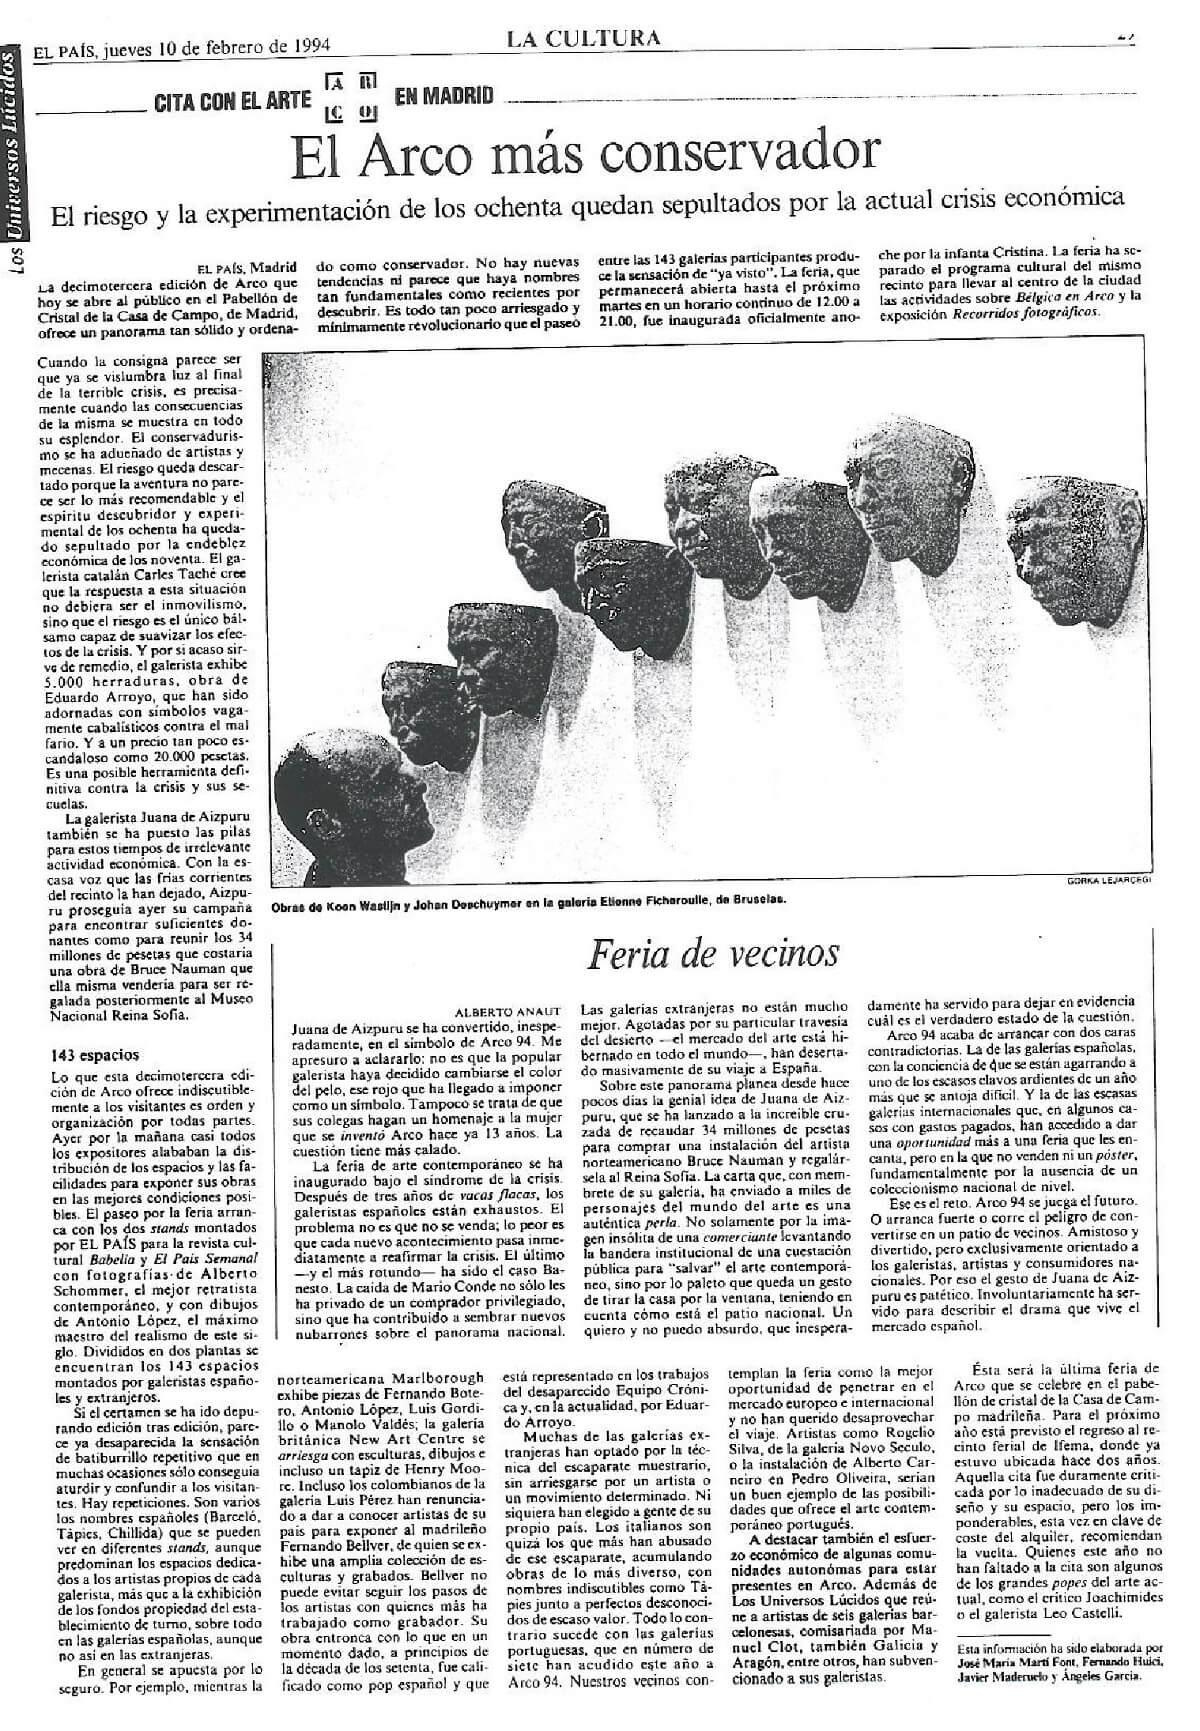 10_2_1994_EL-PAIS